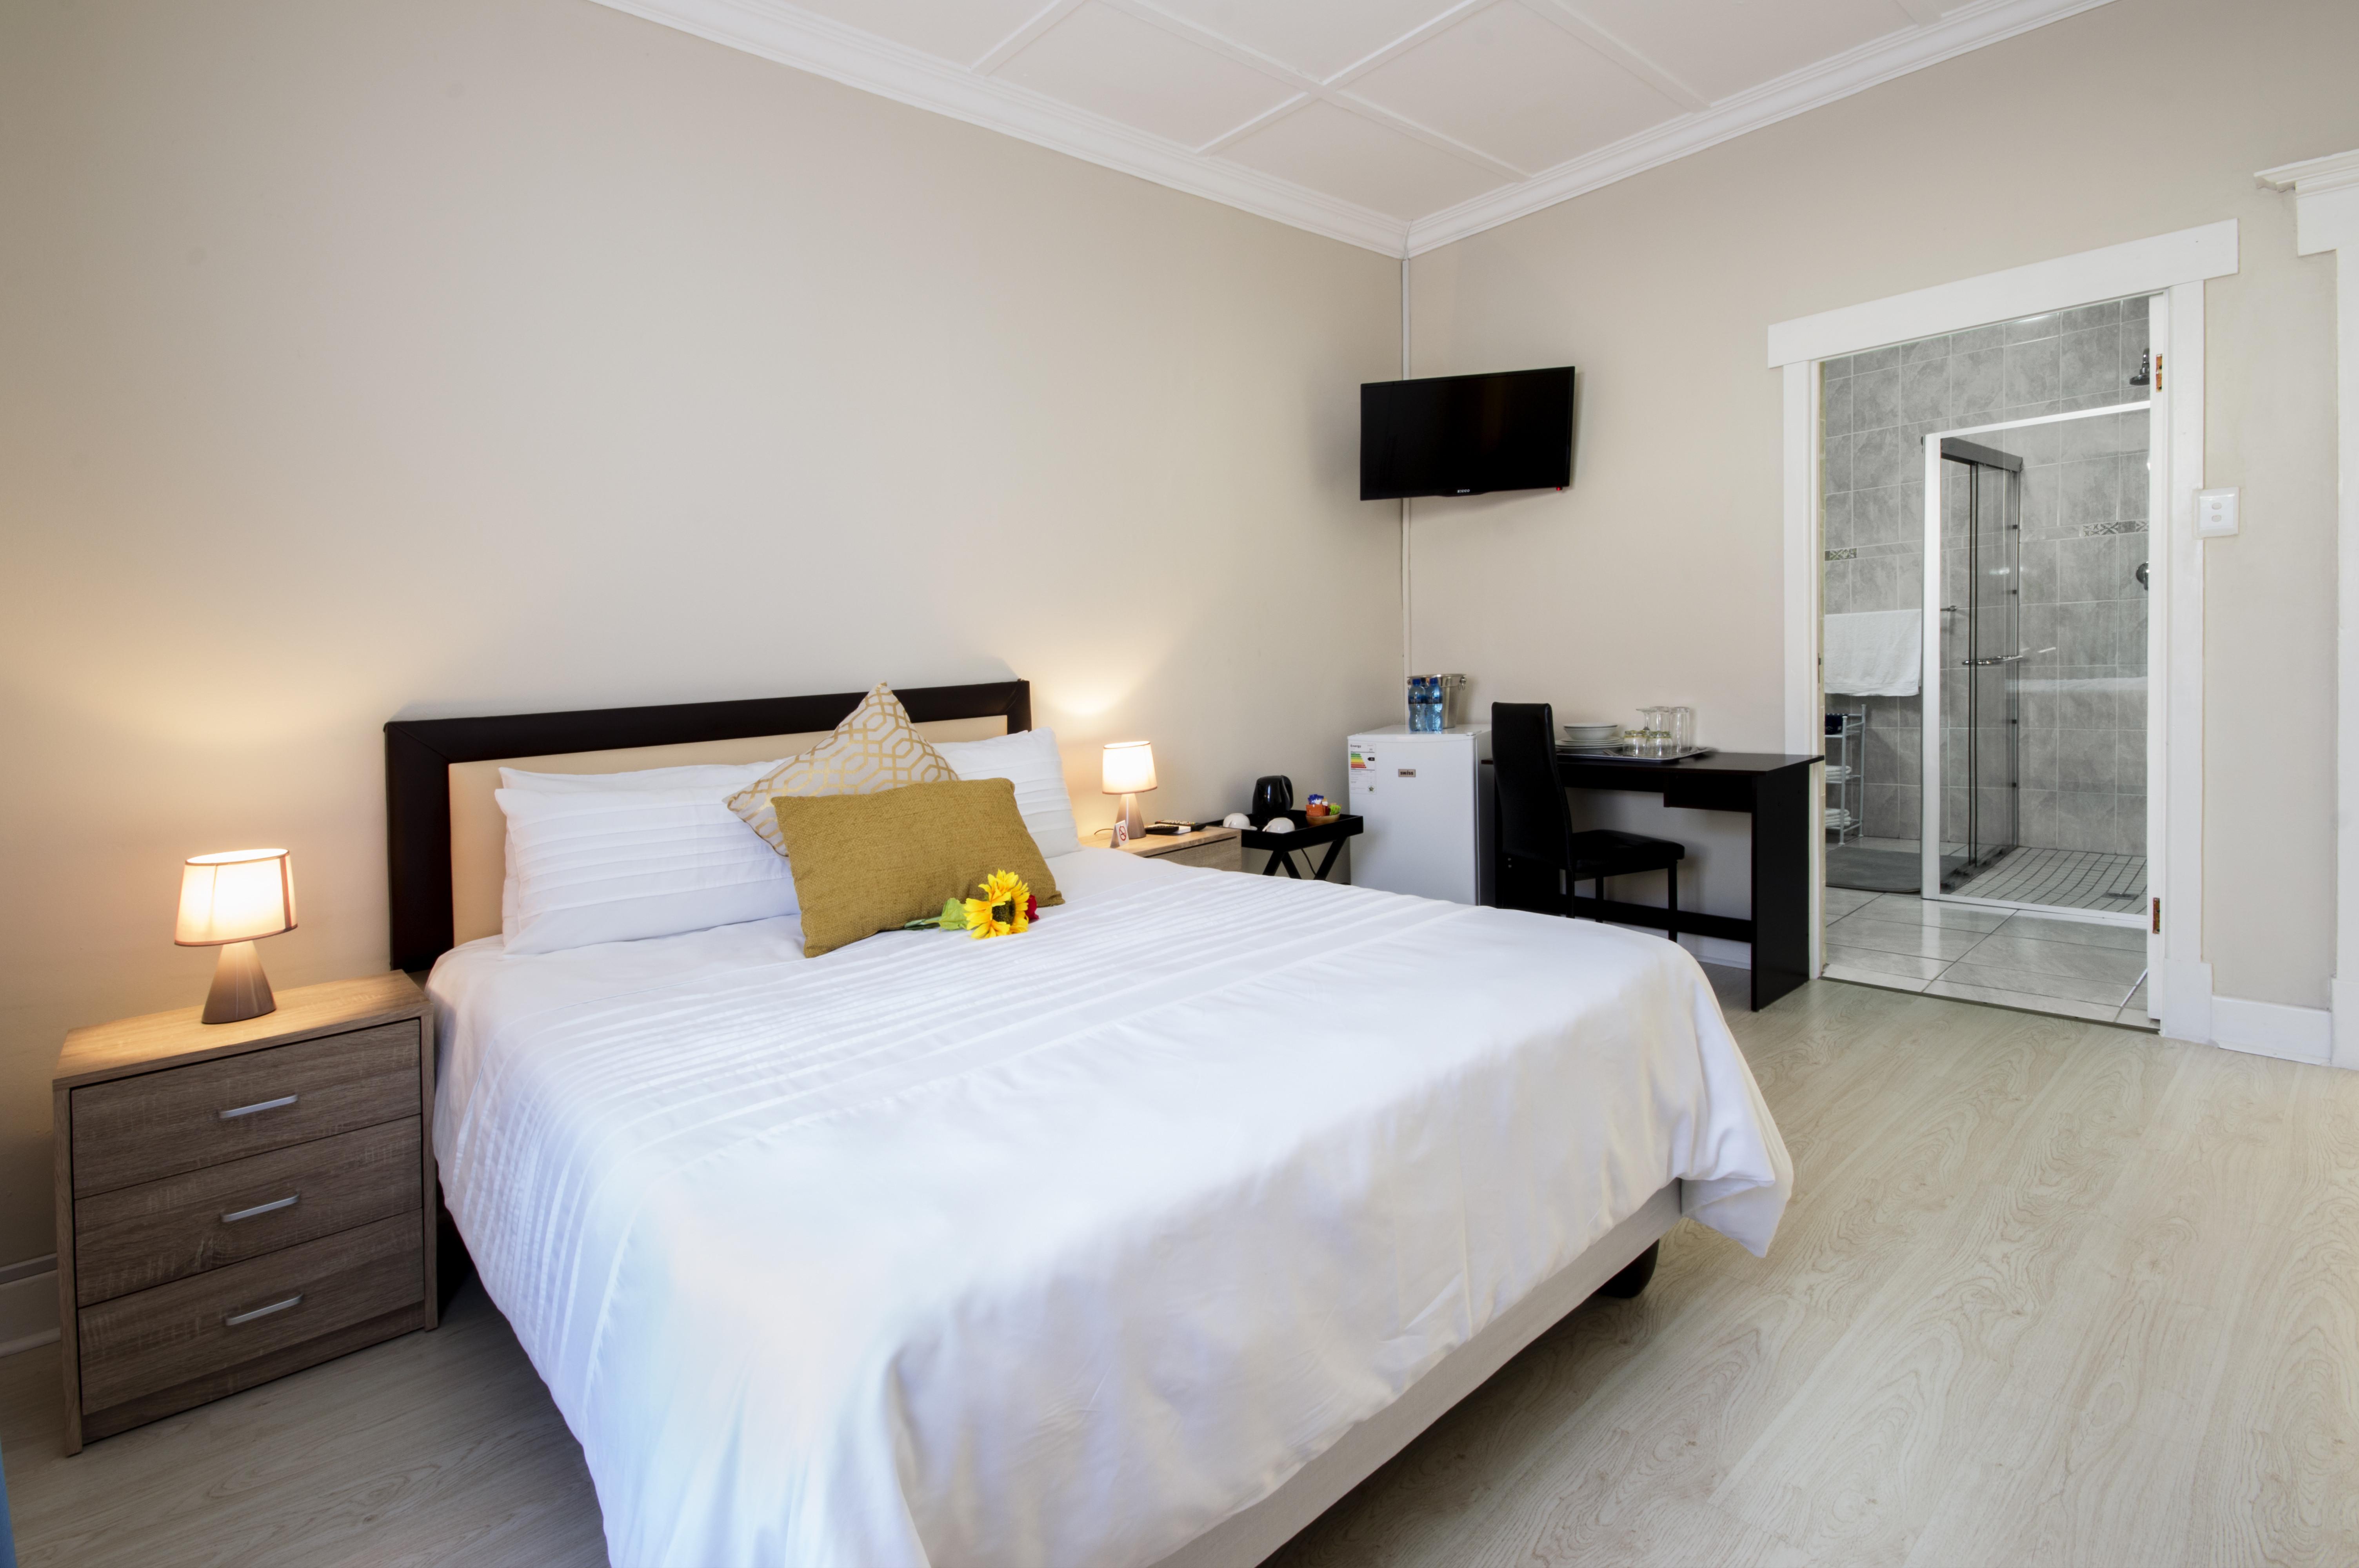 walmer room 1 (3)